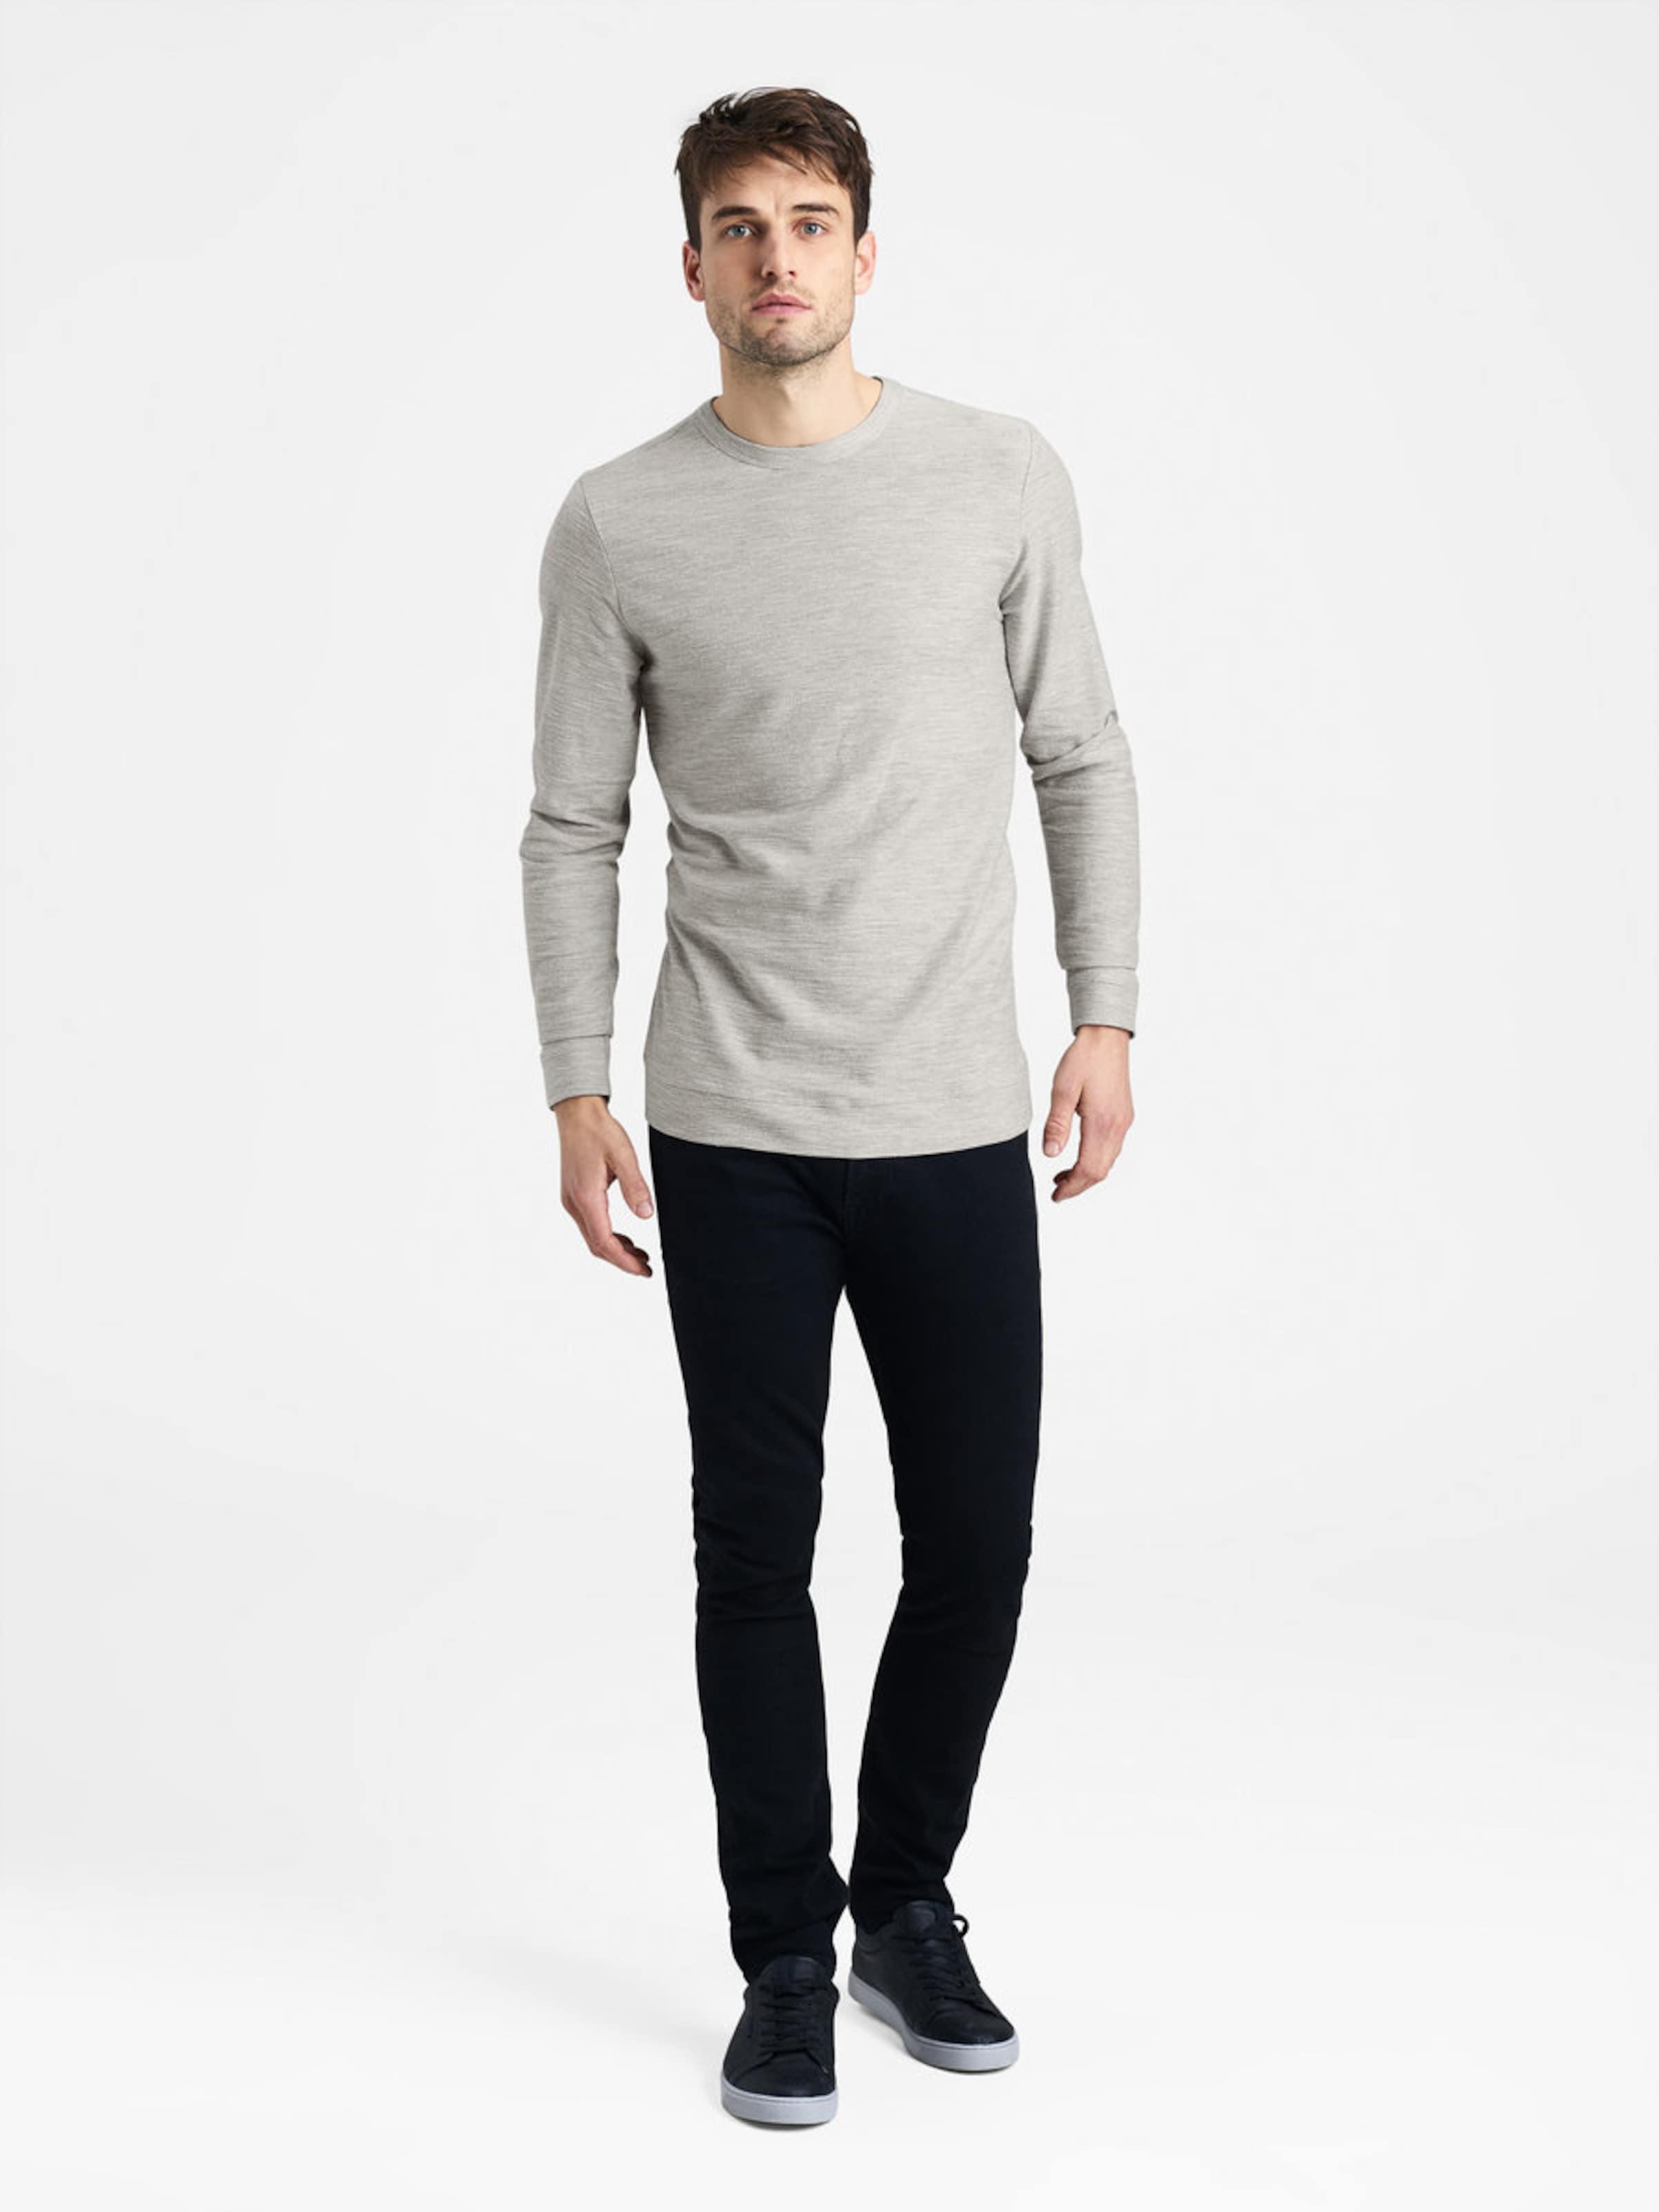 Produkt Klassisches Sweatshirt Spielraum Visa Zahlung uWjel6i